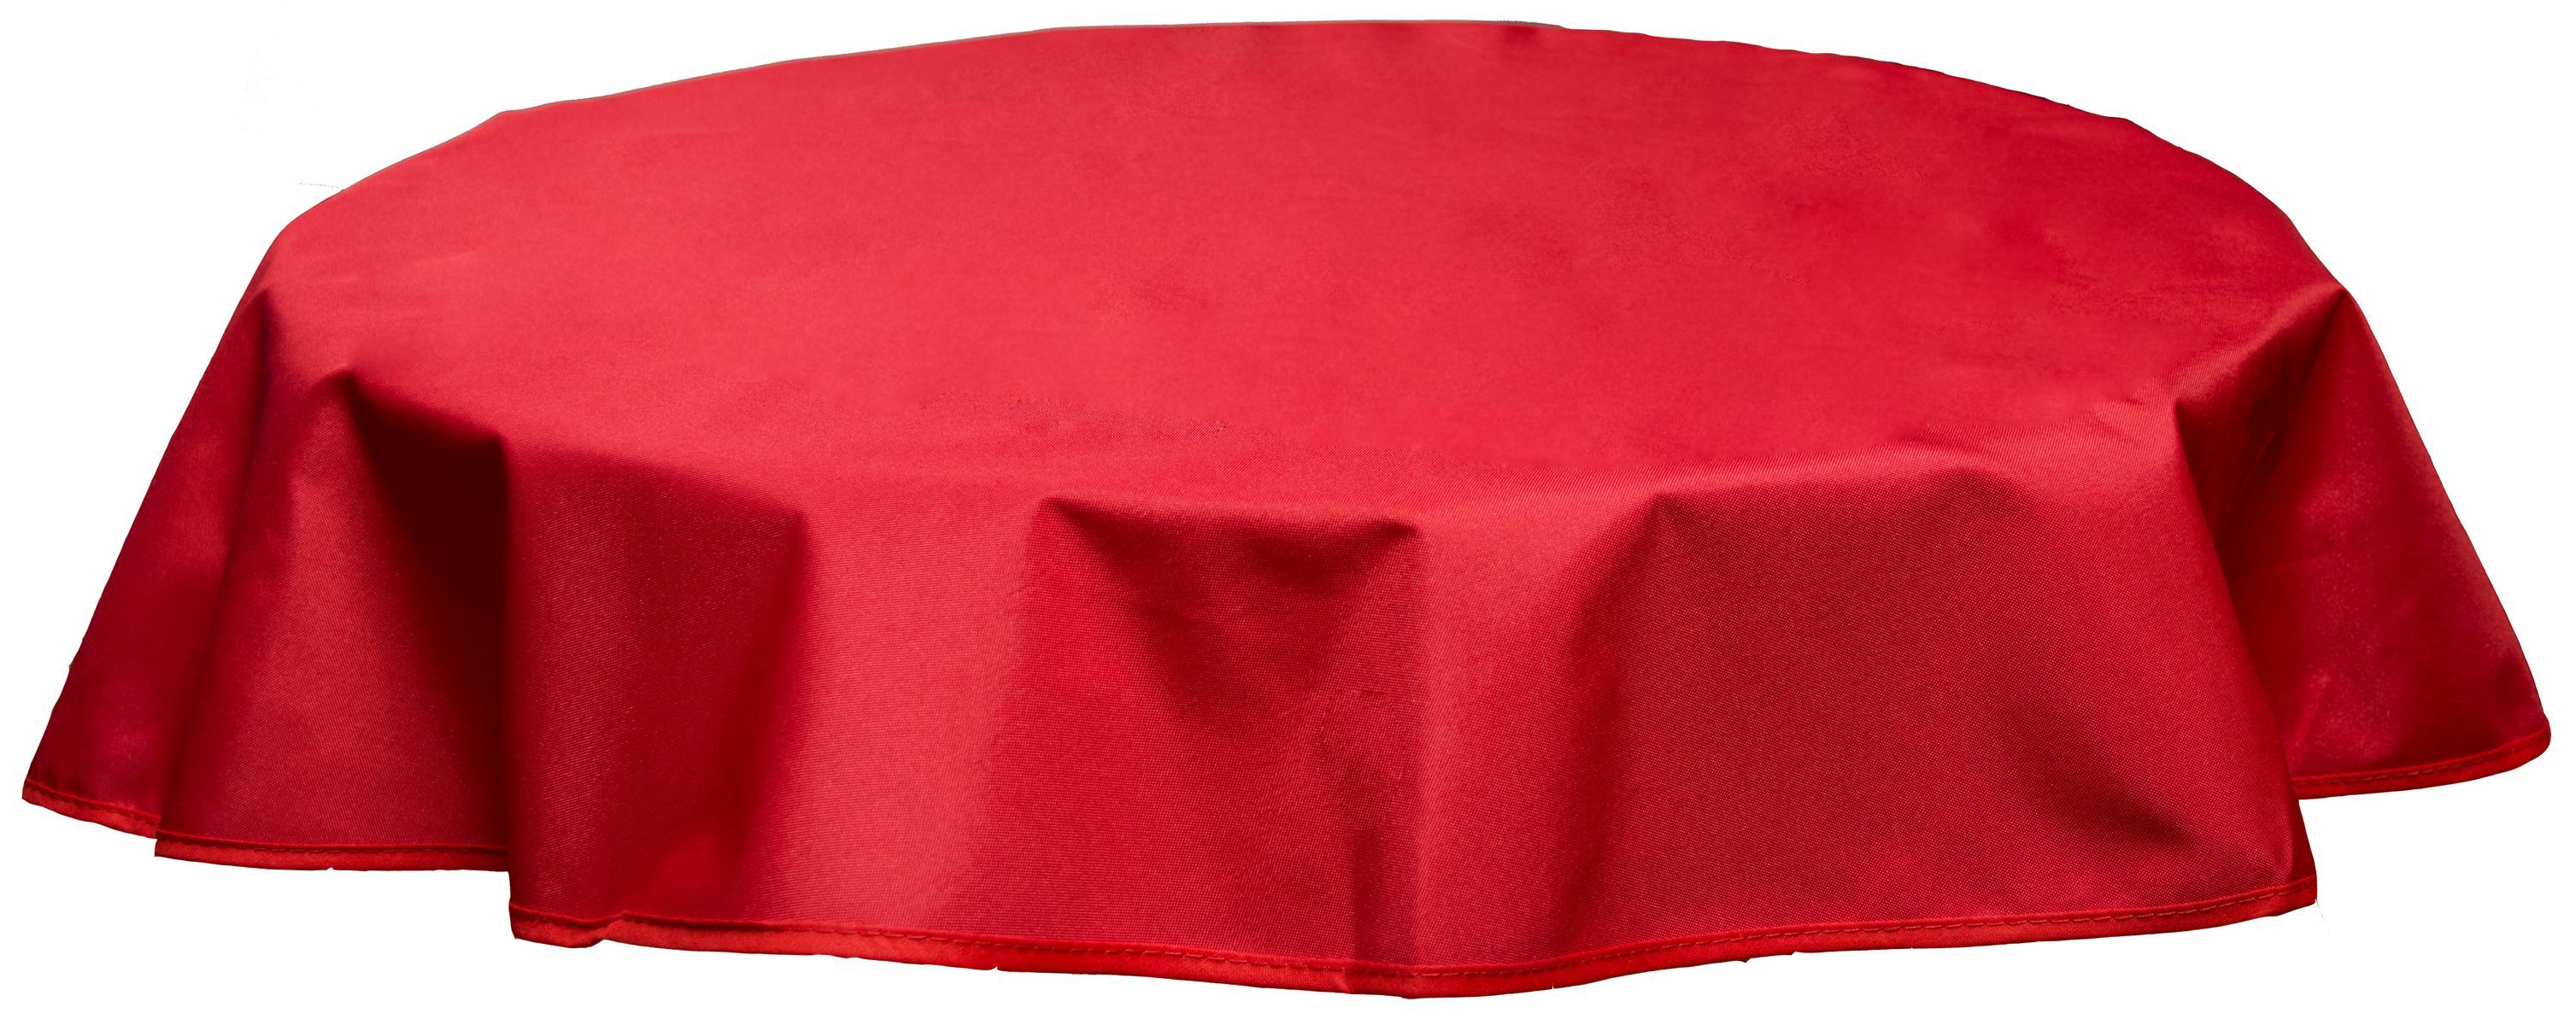 Runde Tischdecke 120cm wasserabweisend 100% Polyester in rot